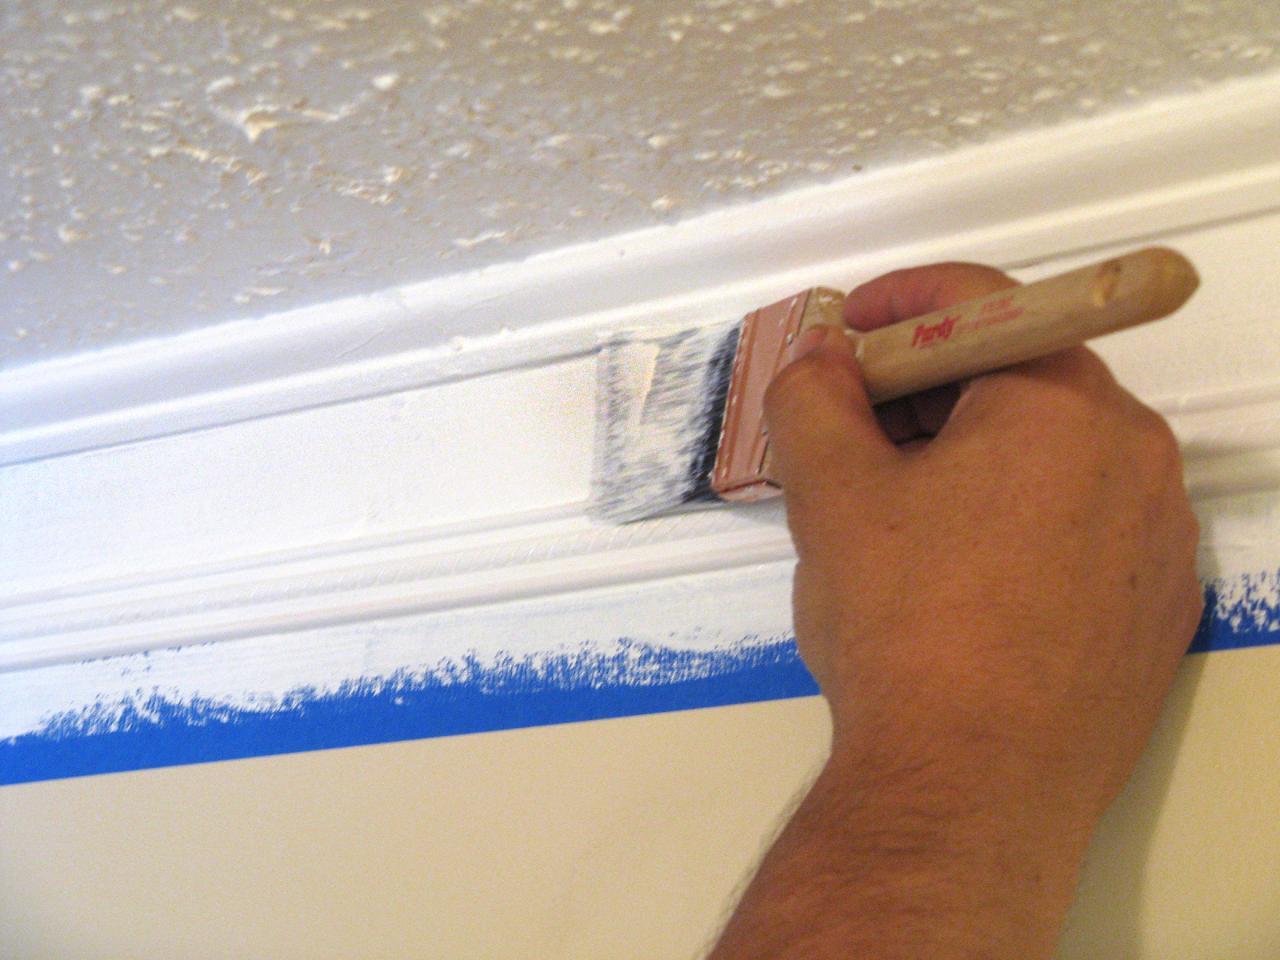 Покраска потолочного плинтуса при помощи кисти